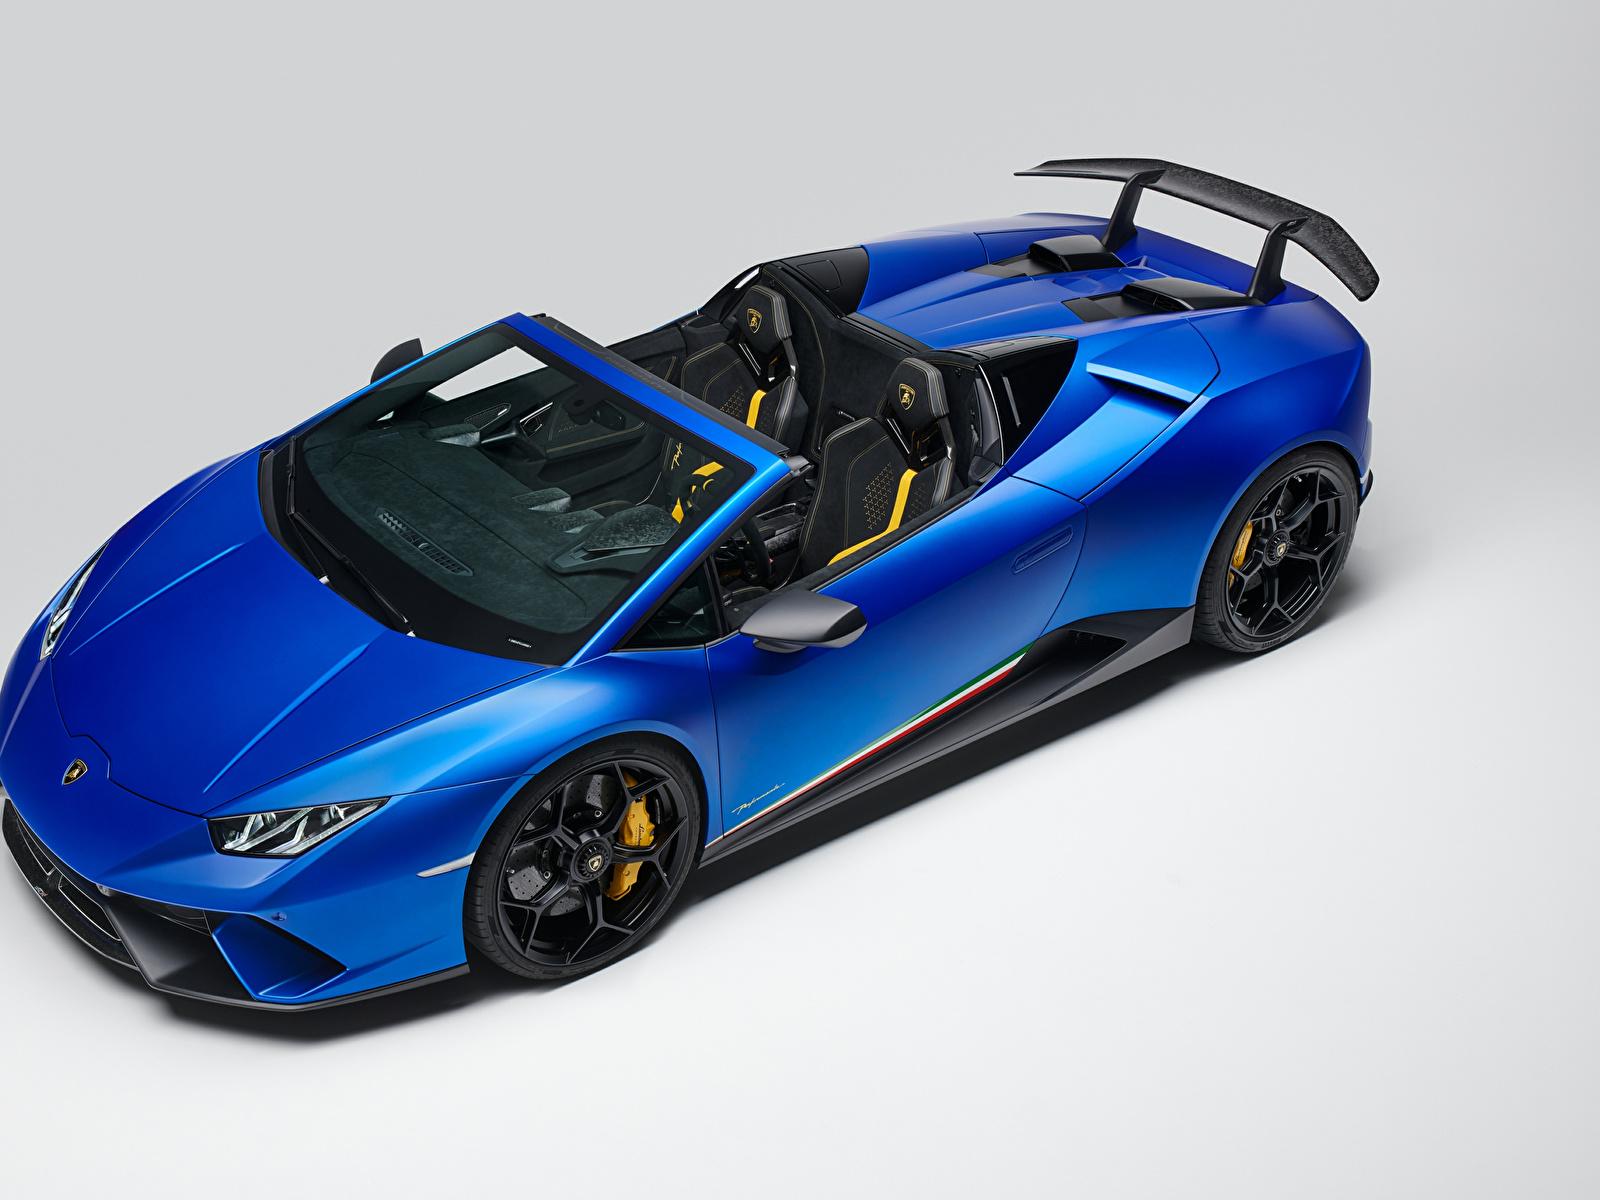 Обои для рабочего стола Ламборгини 2018 Huracan Perfomante Spyder Worldwide Родстер Синий автомобиль Серый фон 1600x1200 Lamborghini синих синие синяя авто машина машины Автомобили сером фоне